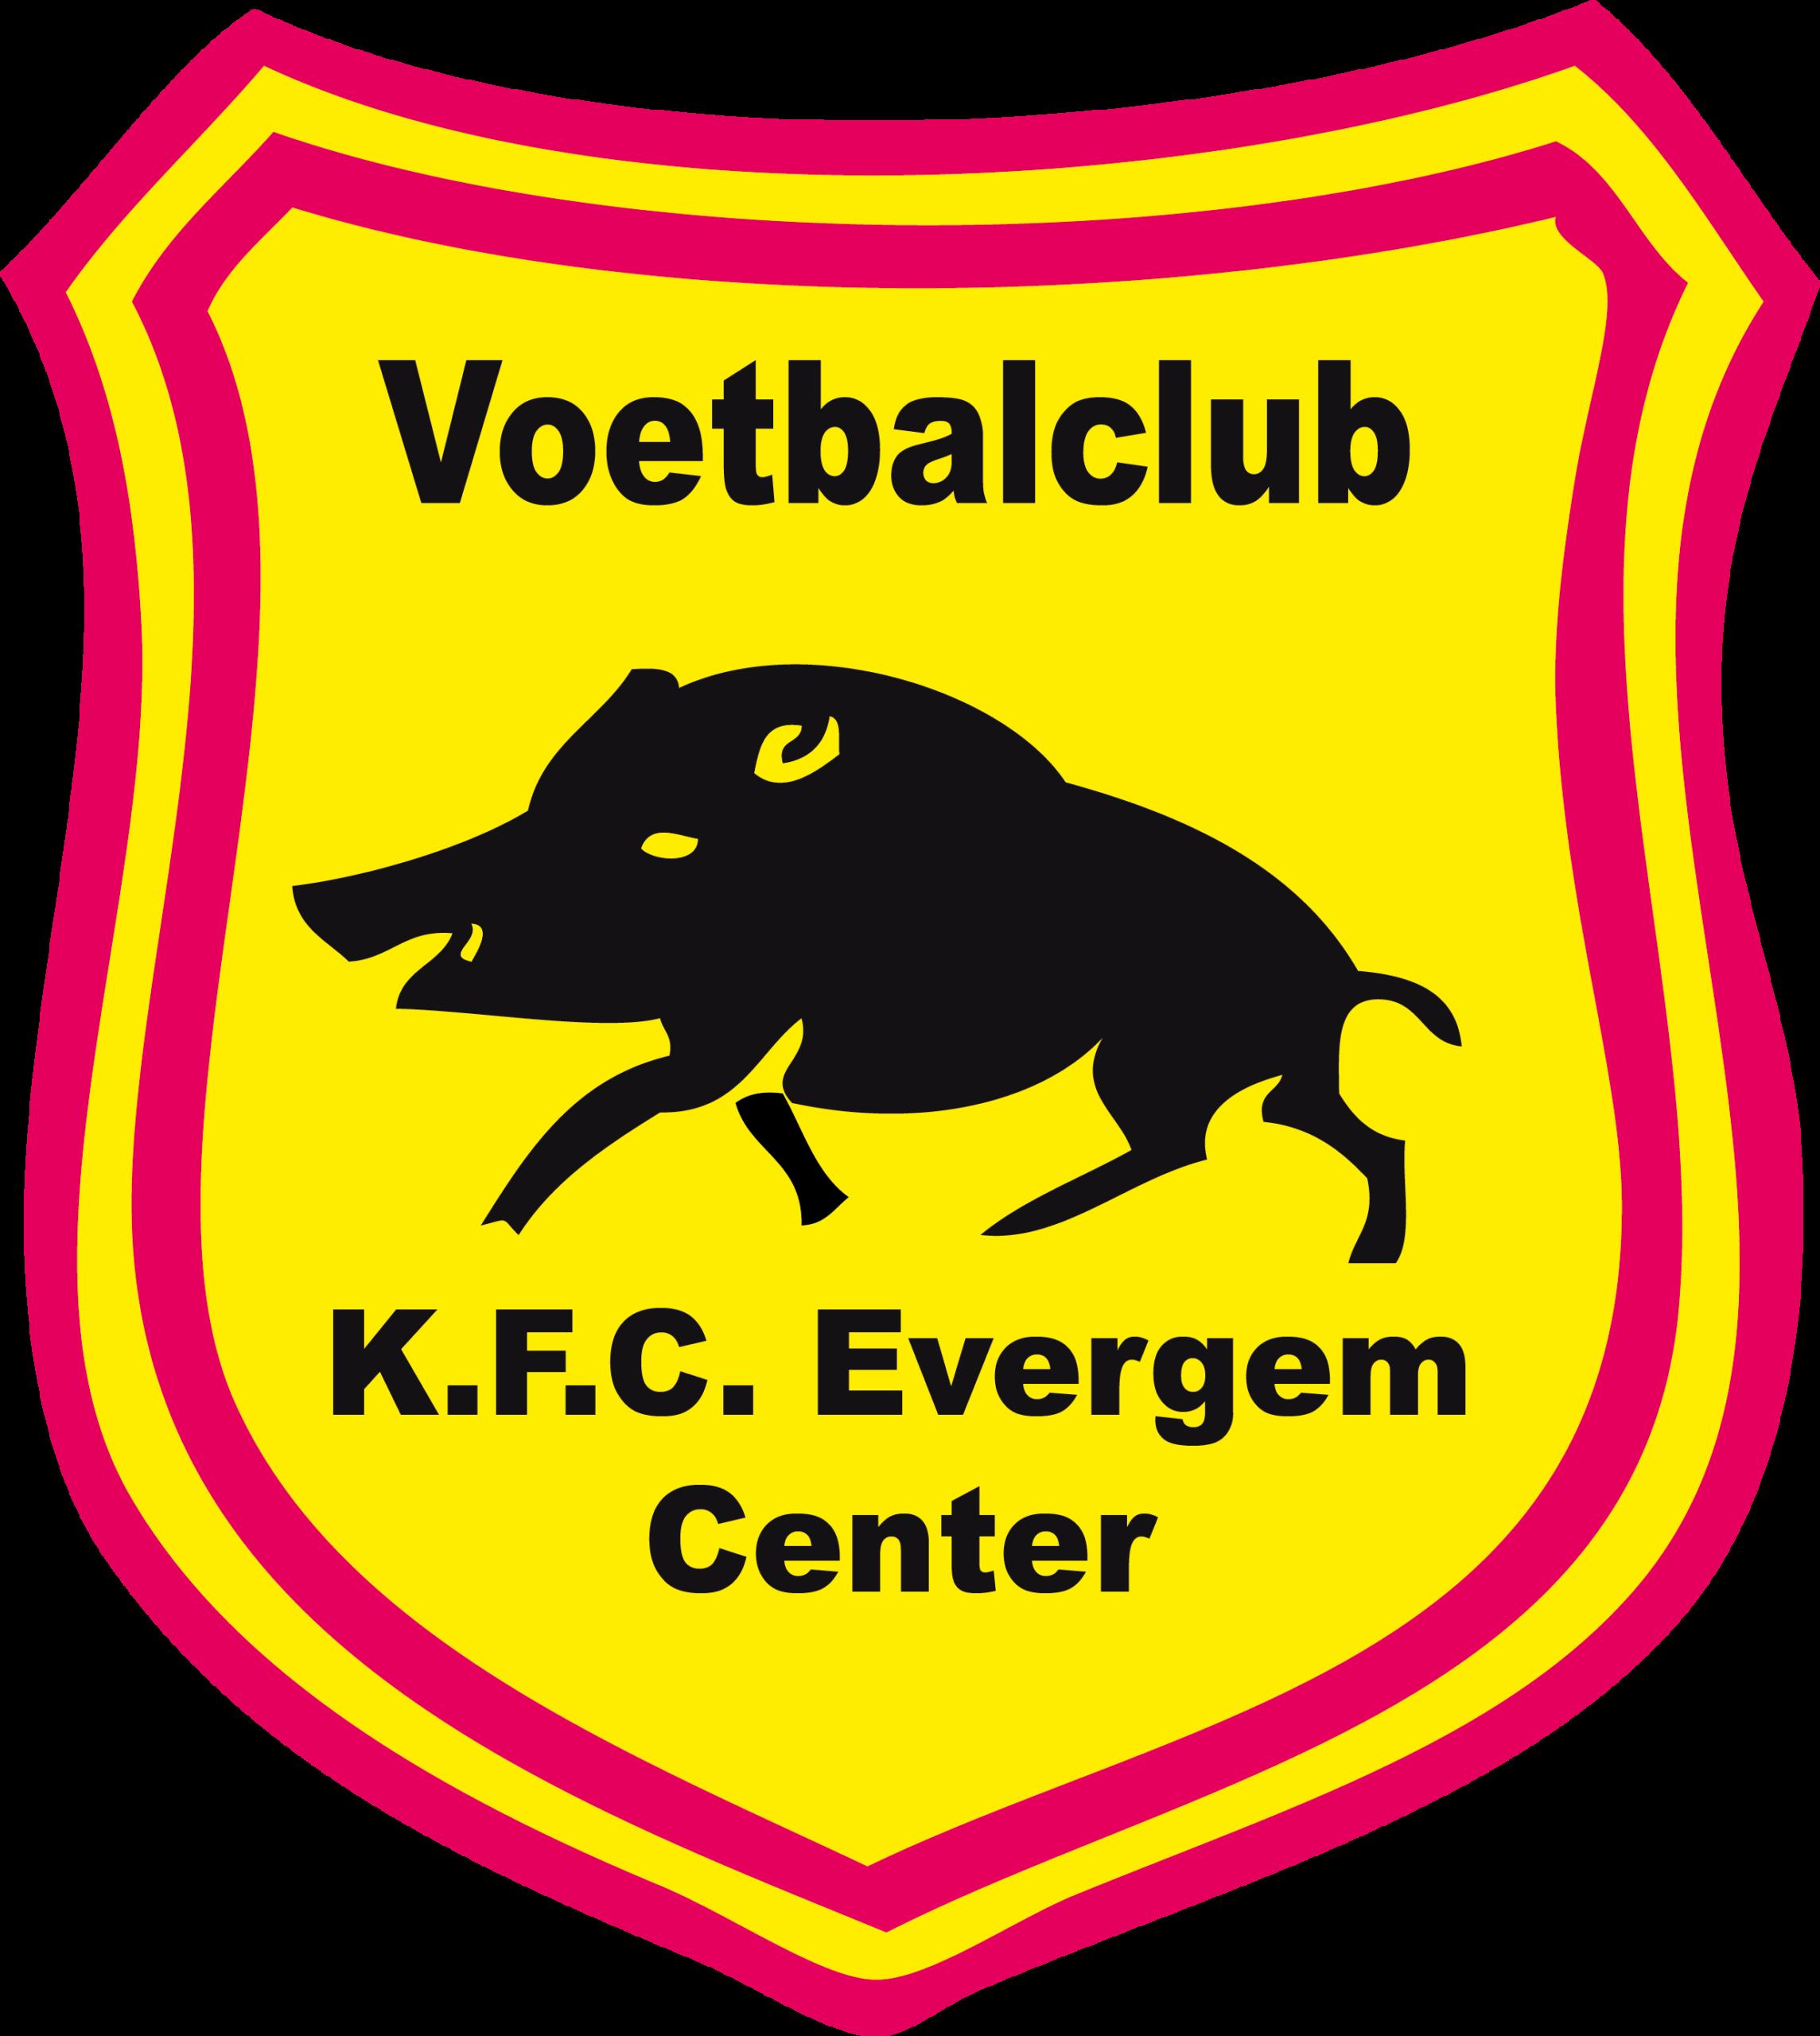 KFC Evergem Center